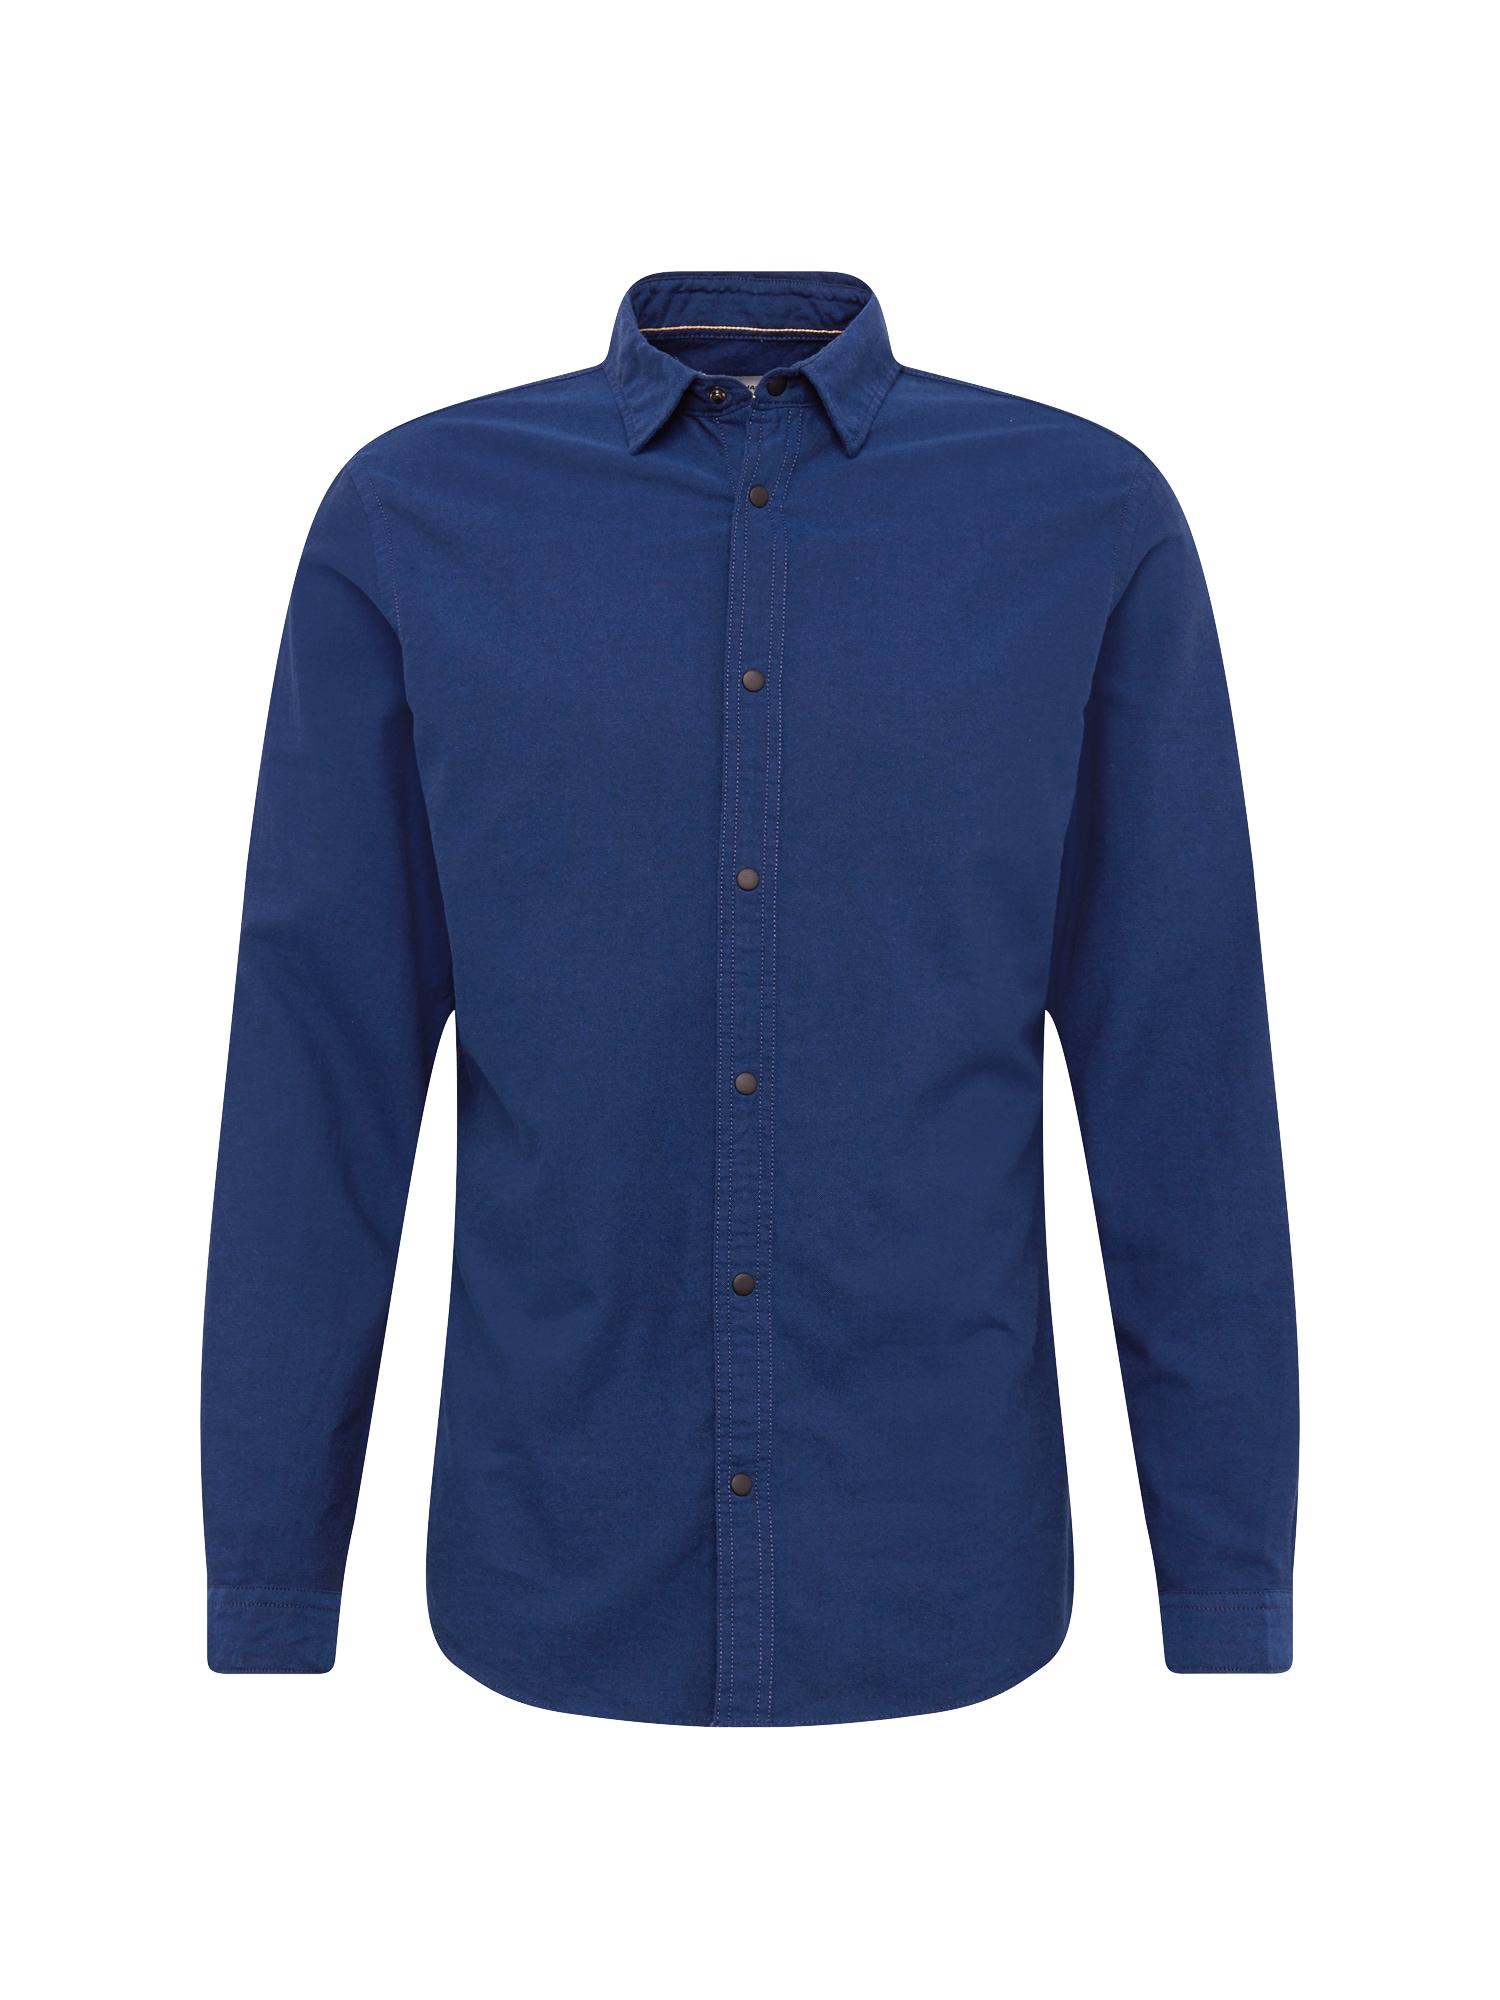 Košile JCOHUDSON LS PLAIN námořnická modř JACK & JONES